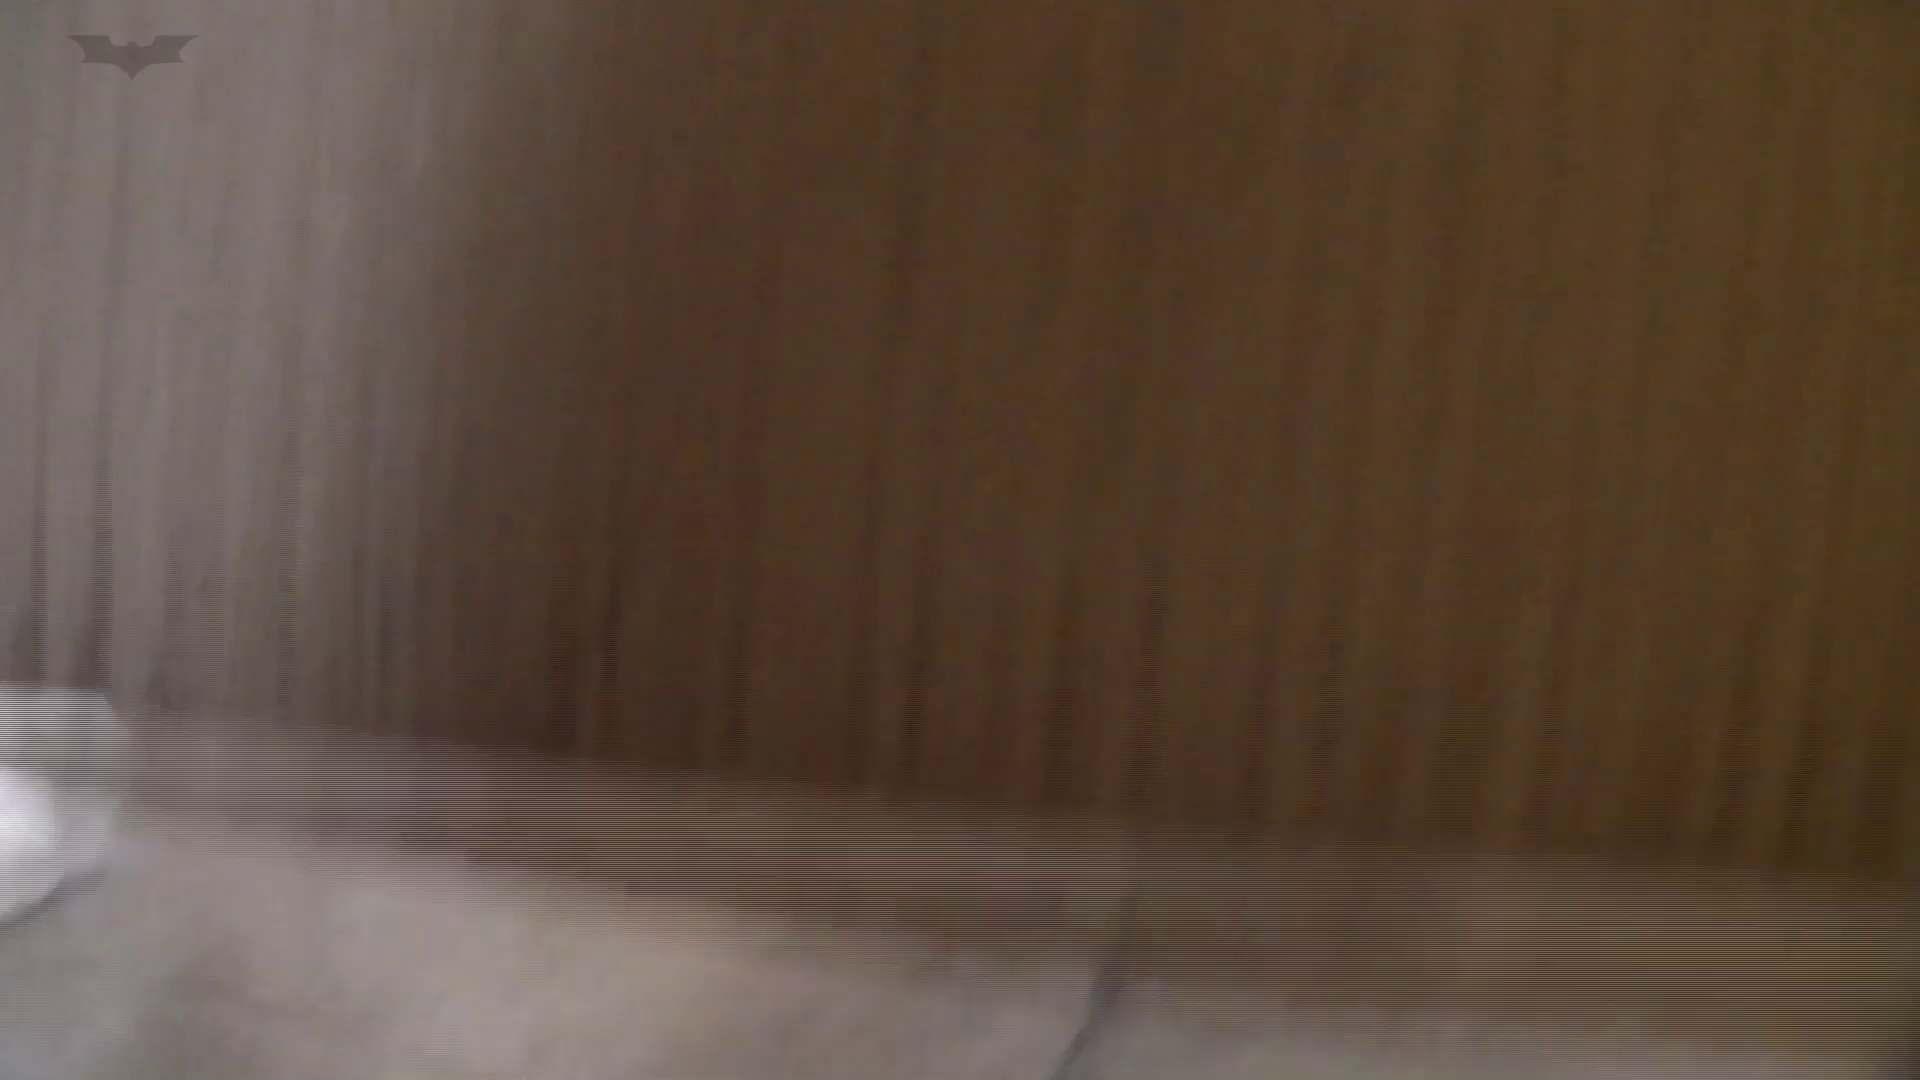 和式洋式七変化 Vol.32 綺麗な子連続登場 お姉さんのSEX ワレメ動画紹介 93枚 81